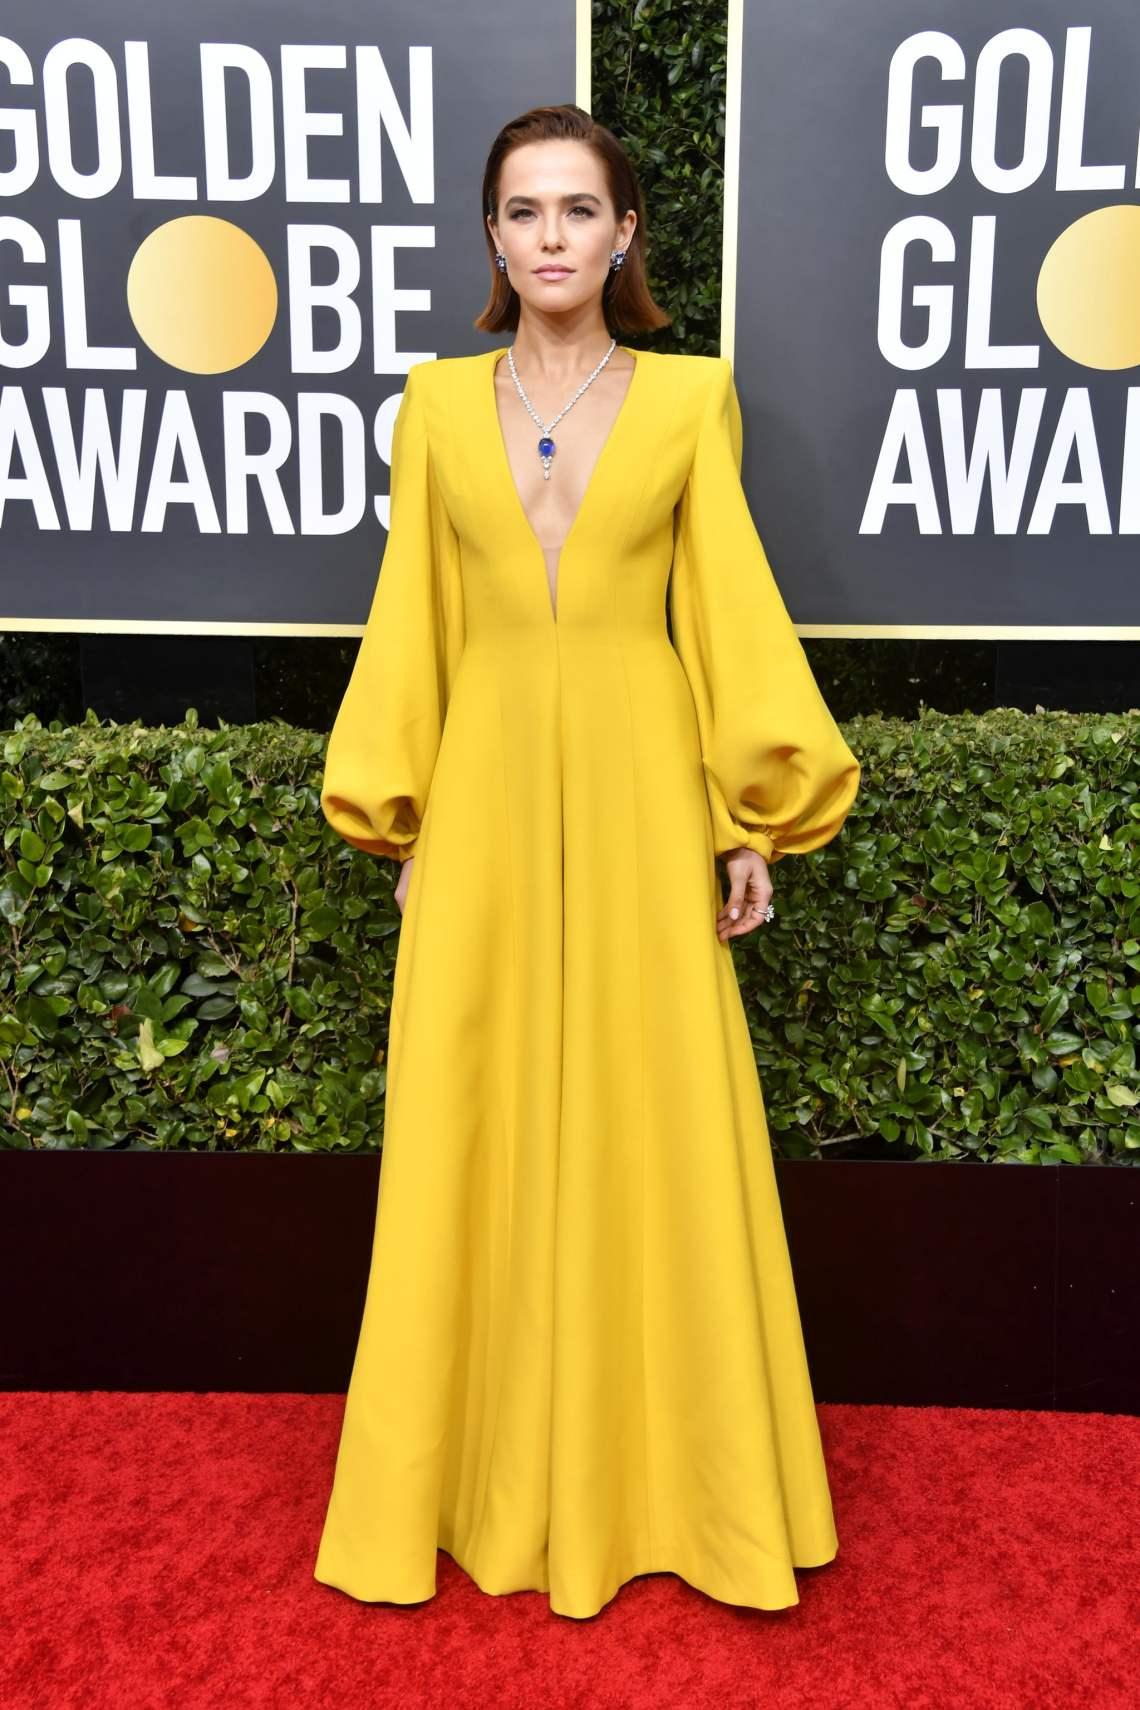 Zoey-Deutch-at-2020-Golden-Globes